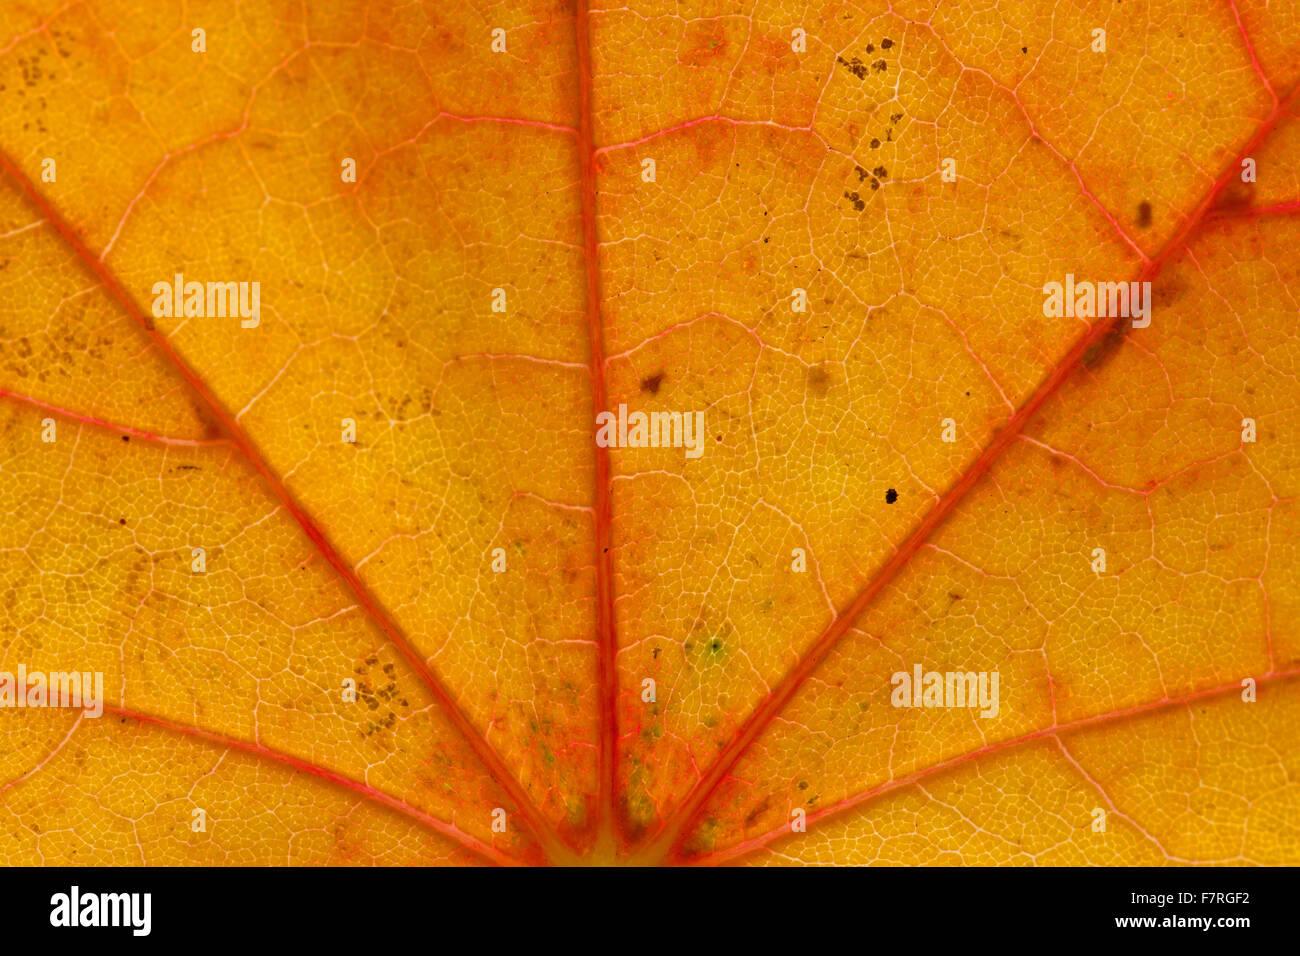 Érable de Norvège (Acer platanoides) close up of leaf orange en couleurs d'automne montrant veins Photo Stock